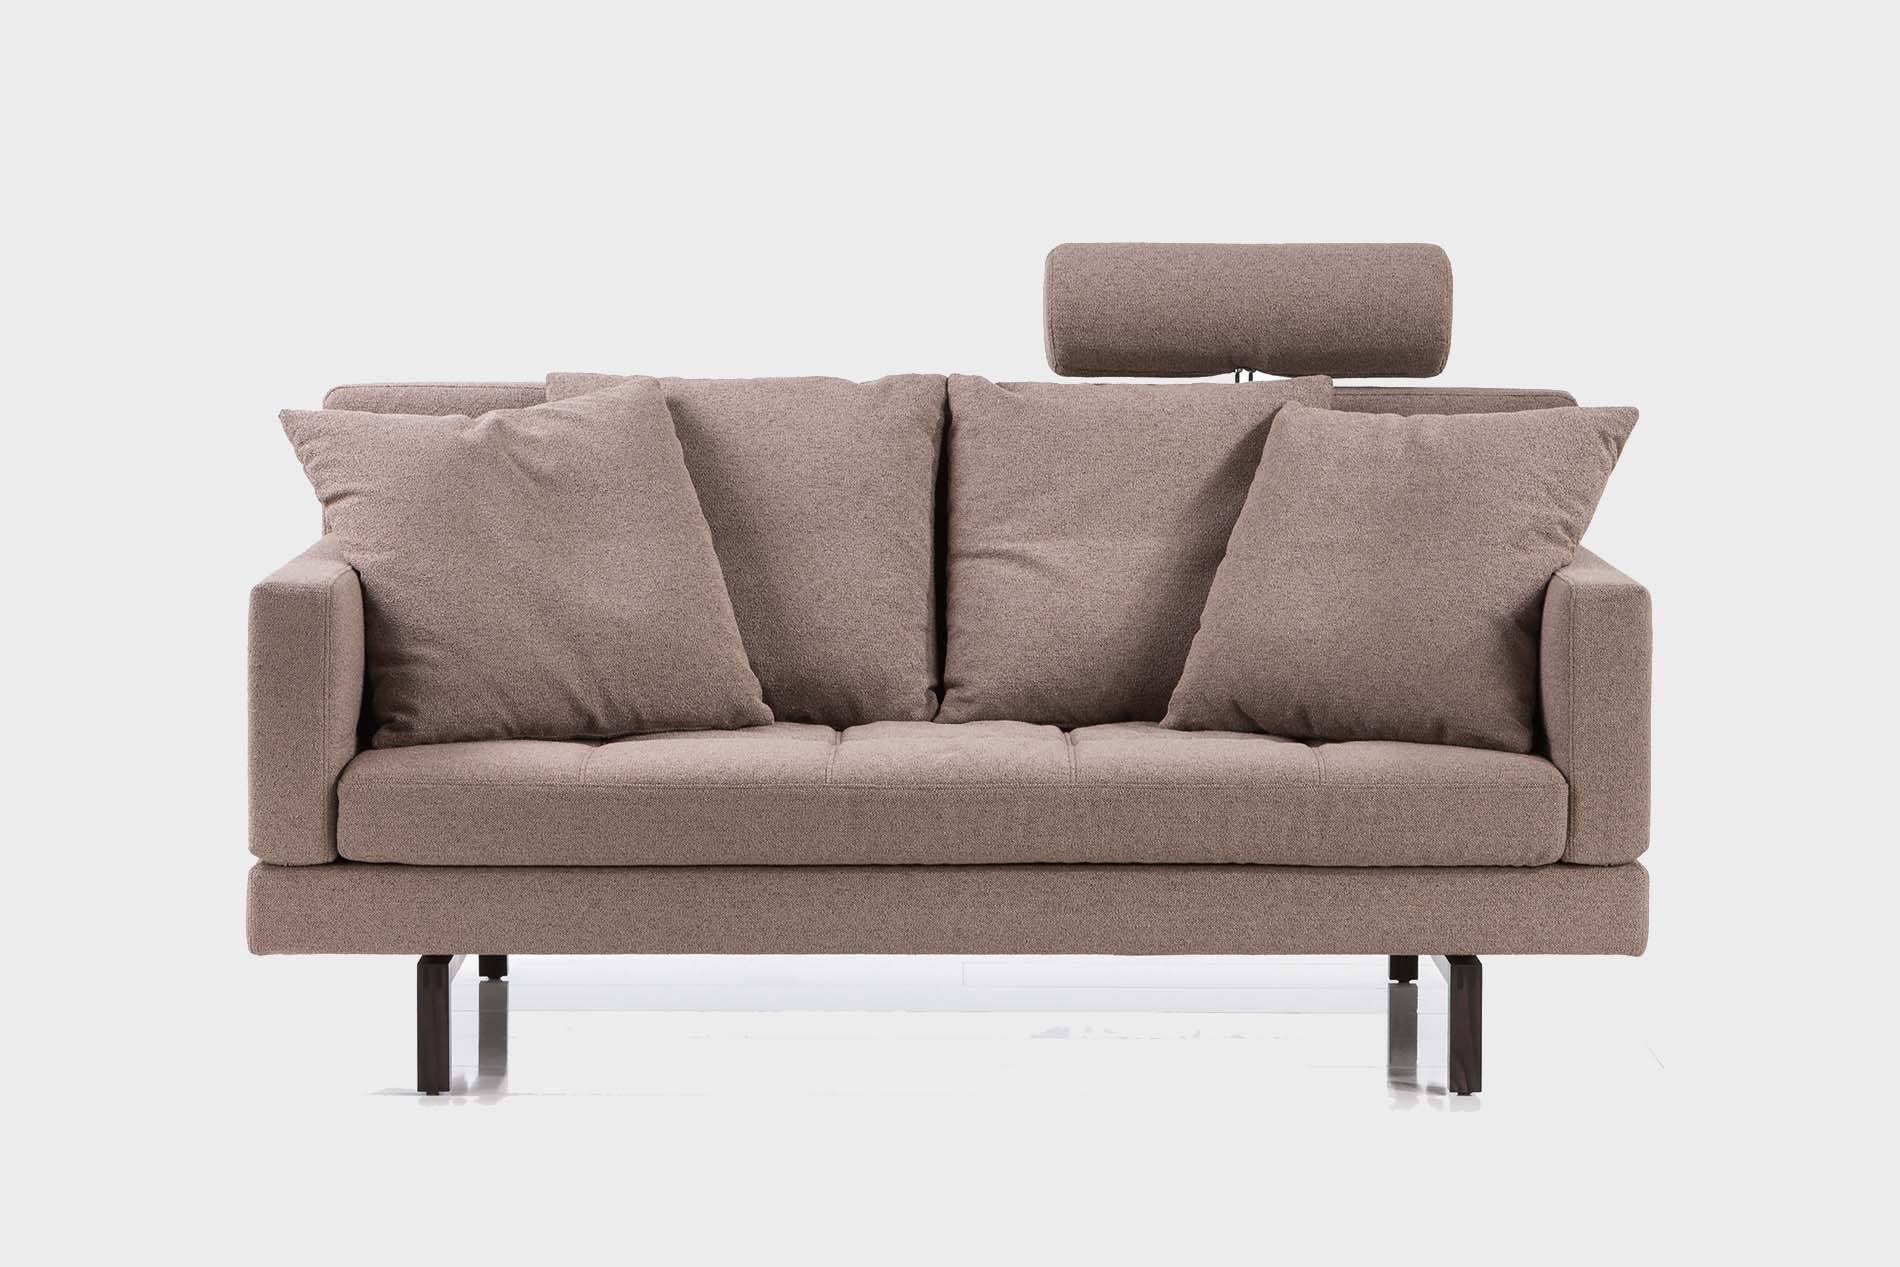 Full Size of Sofa Mit Elektrisch Verstellbarer Sitztiefe Ecksofa Big Amber Von Brhl Das Elegante Design Megapol Boxspring Schlaffunktion Machalke L Form Verkaufen Sofa Sofa Mit Verstellbarer Sitztiefe